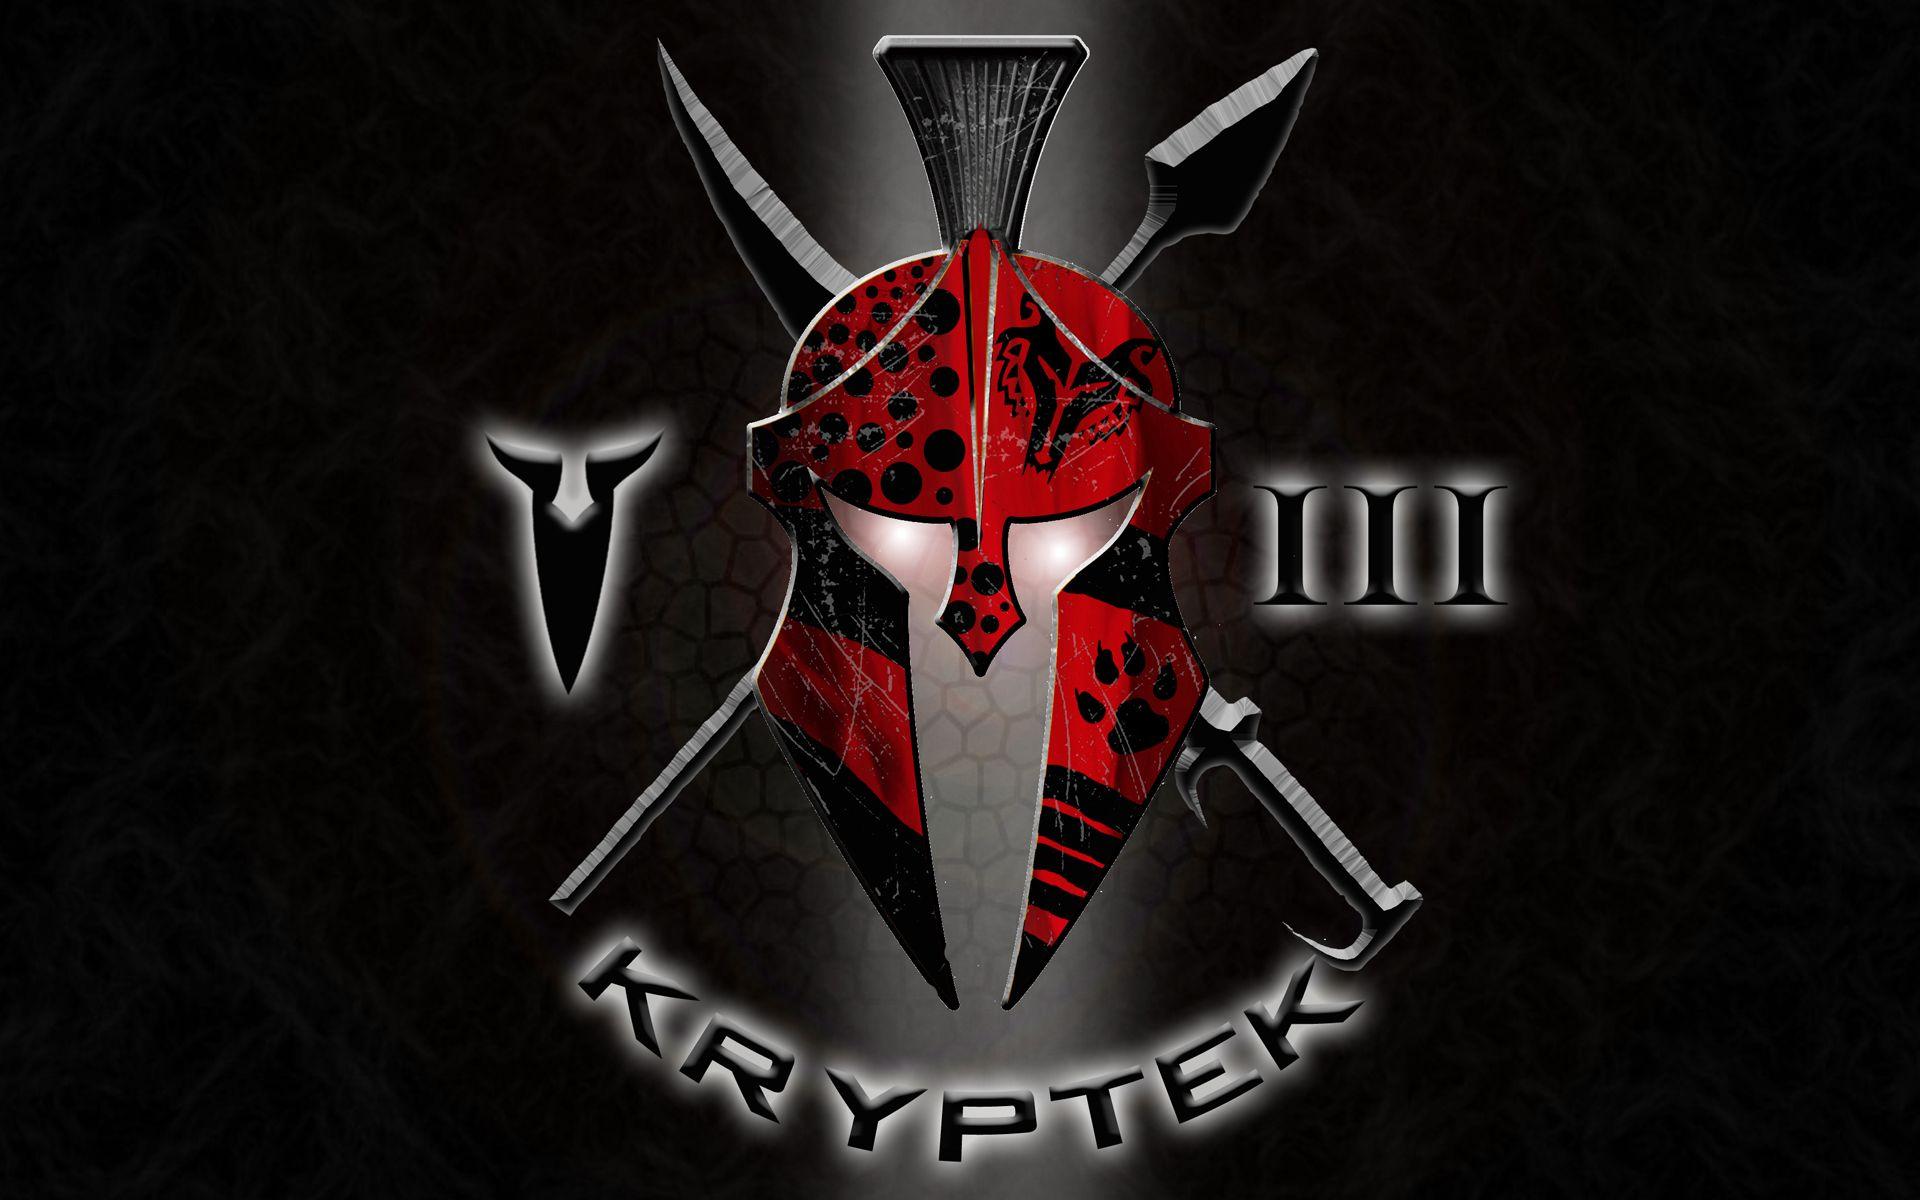 kryptek Kryptek Wallpaper Images and Graphics Kryptek